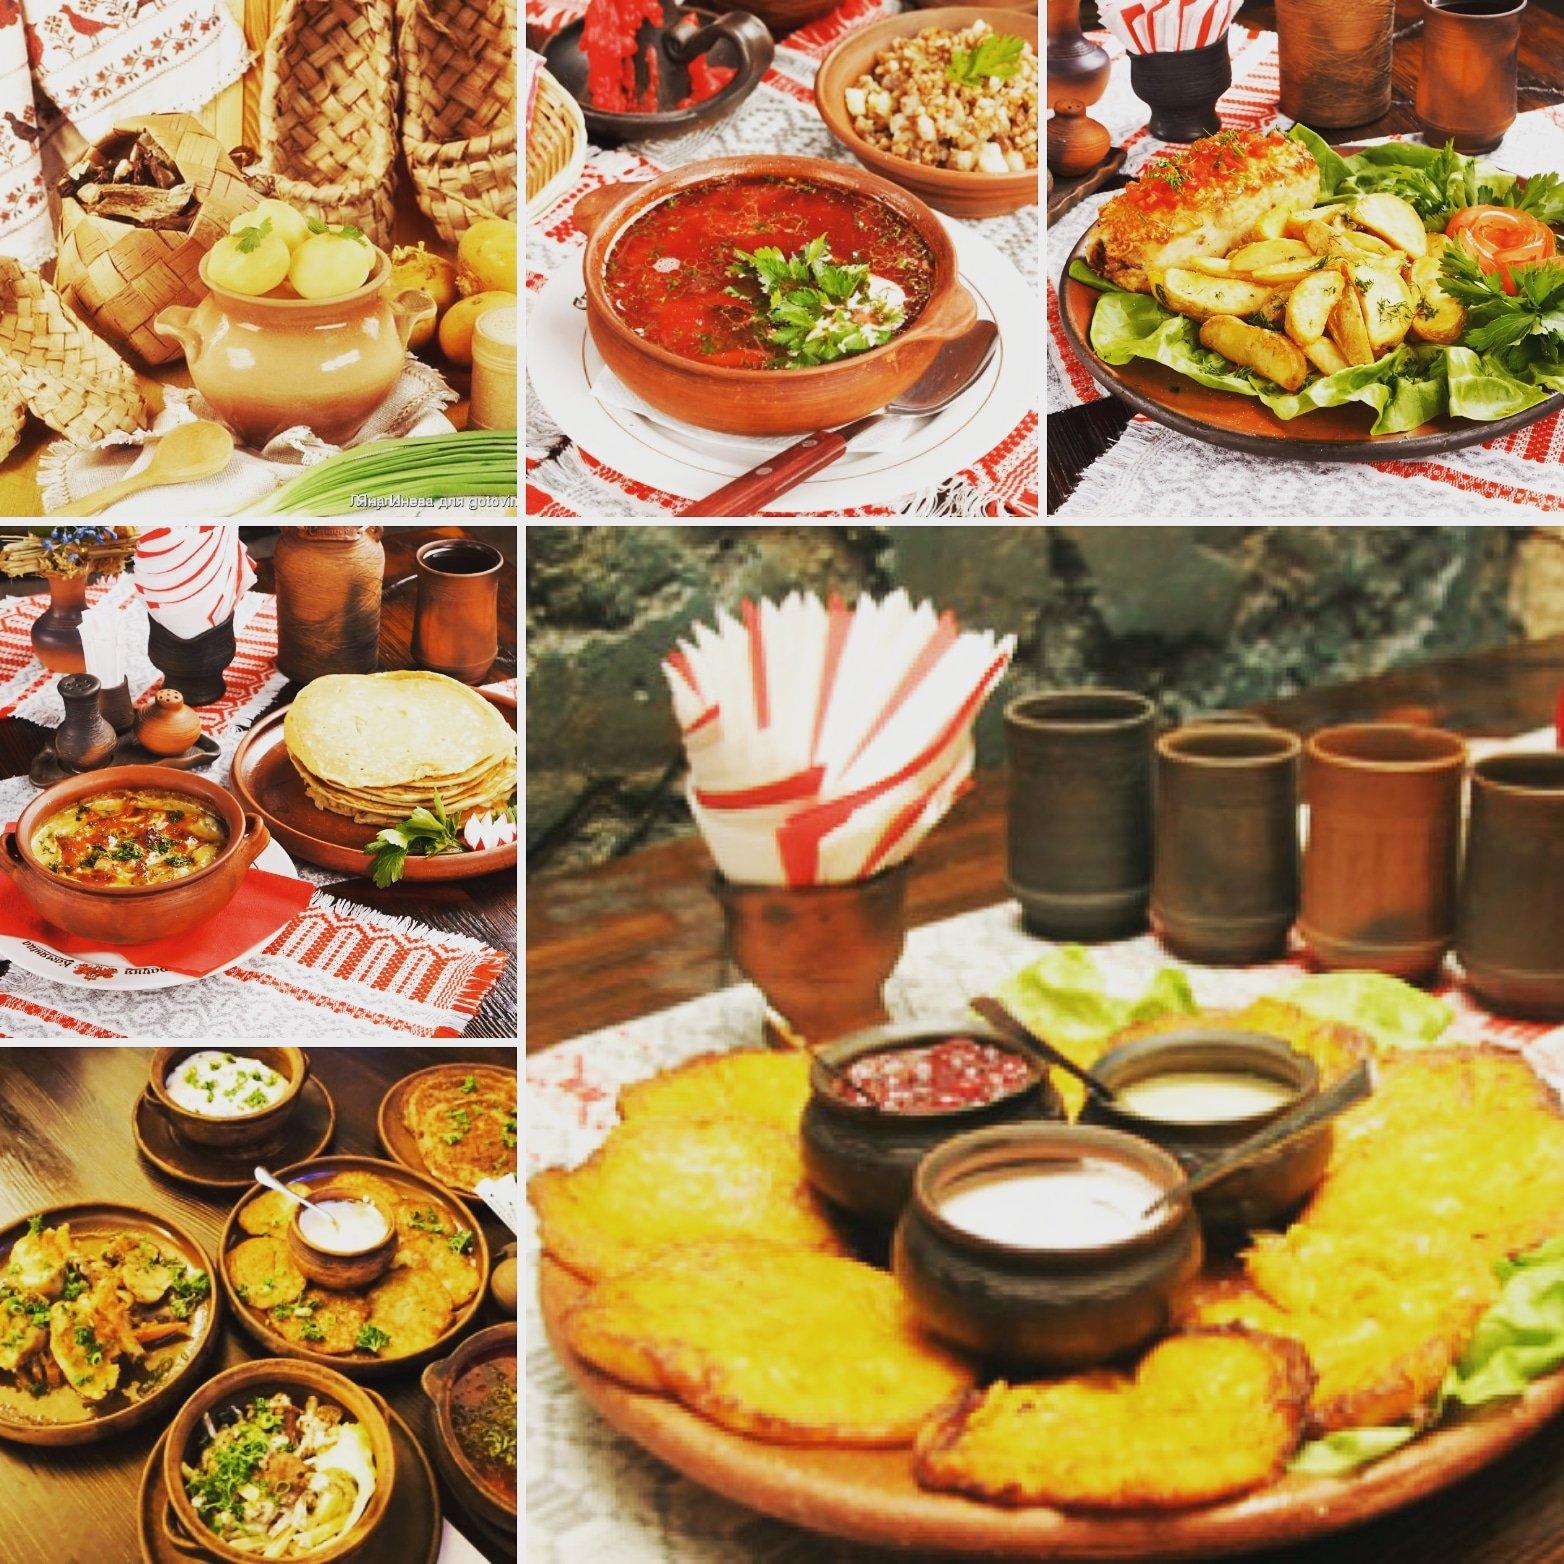 традиционная одежда картинки национальных блюд в беларуси отдыха располагает